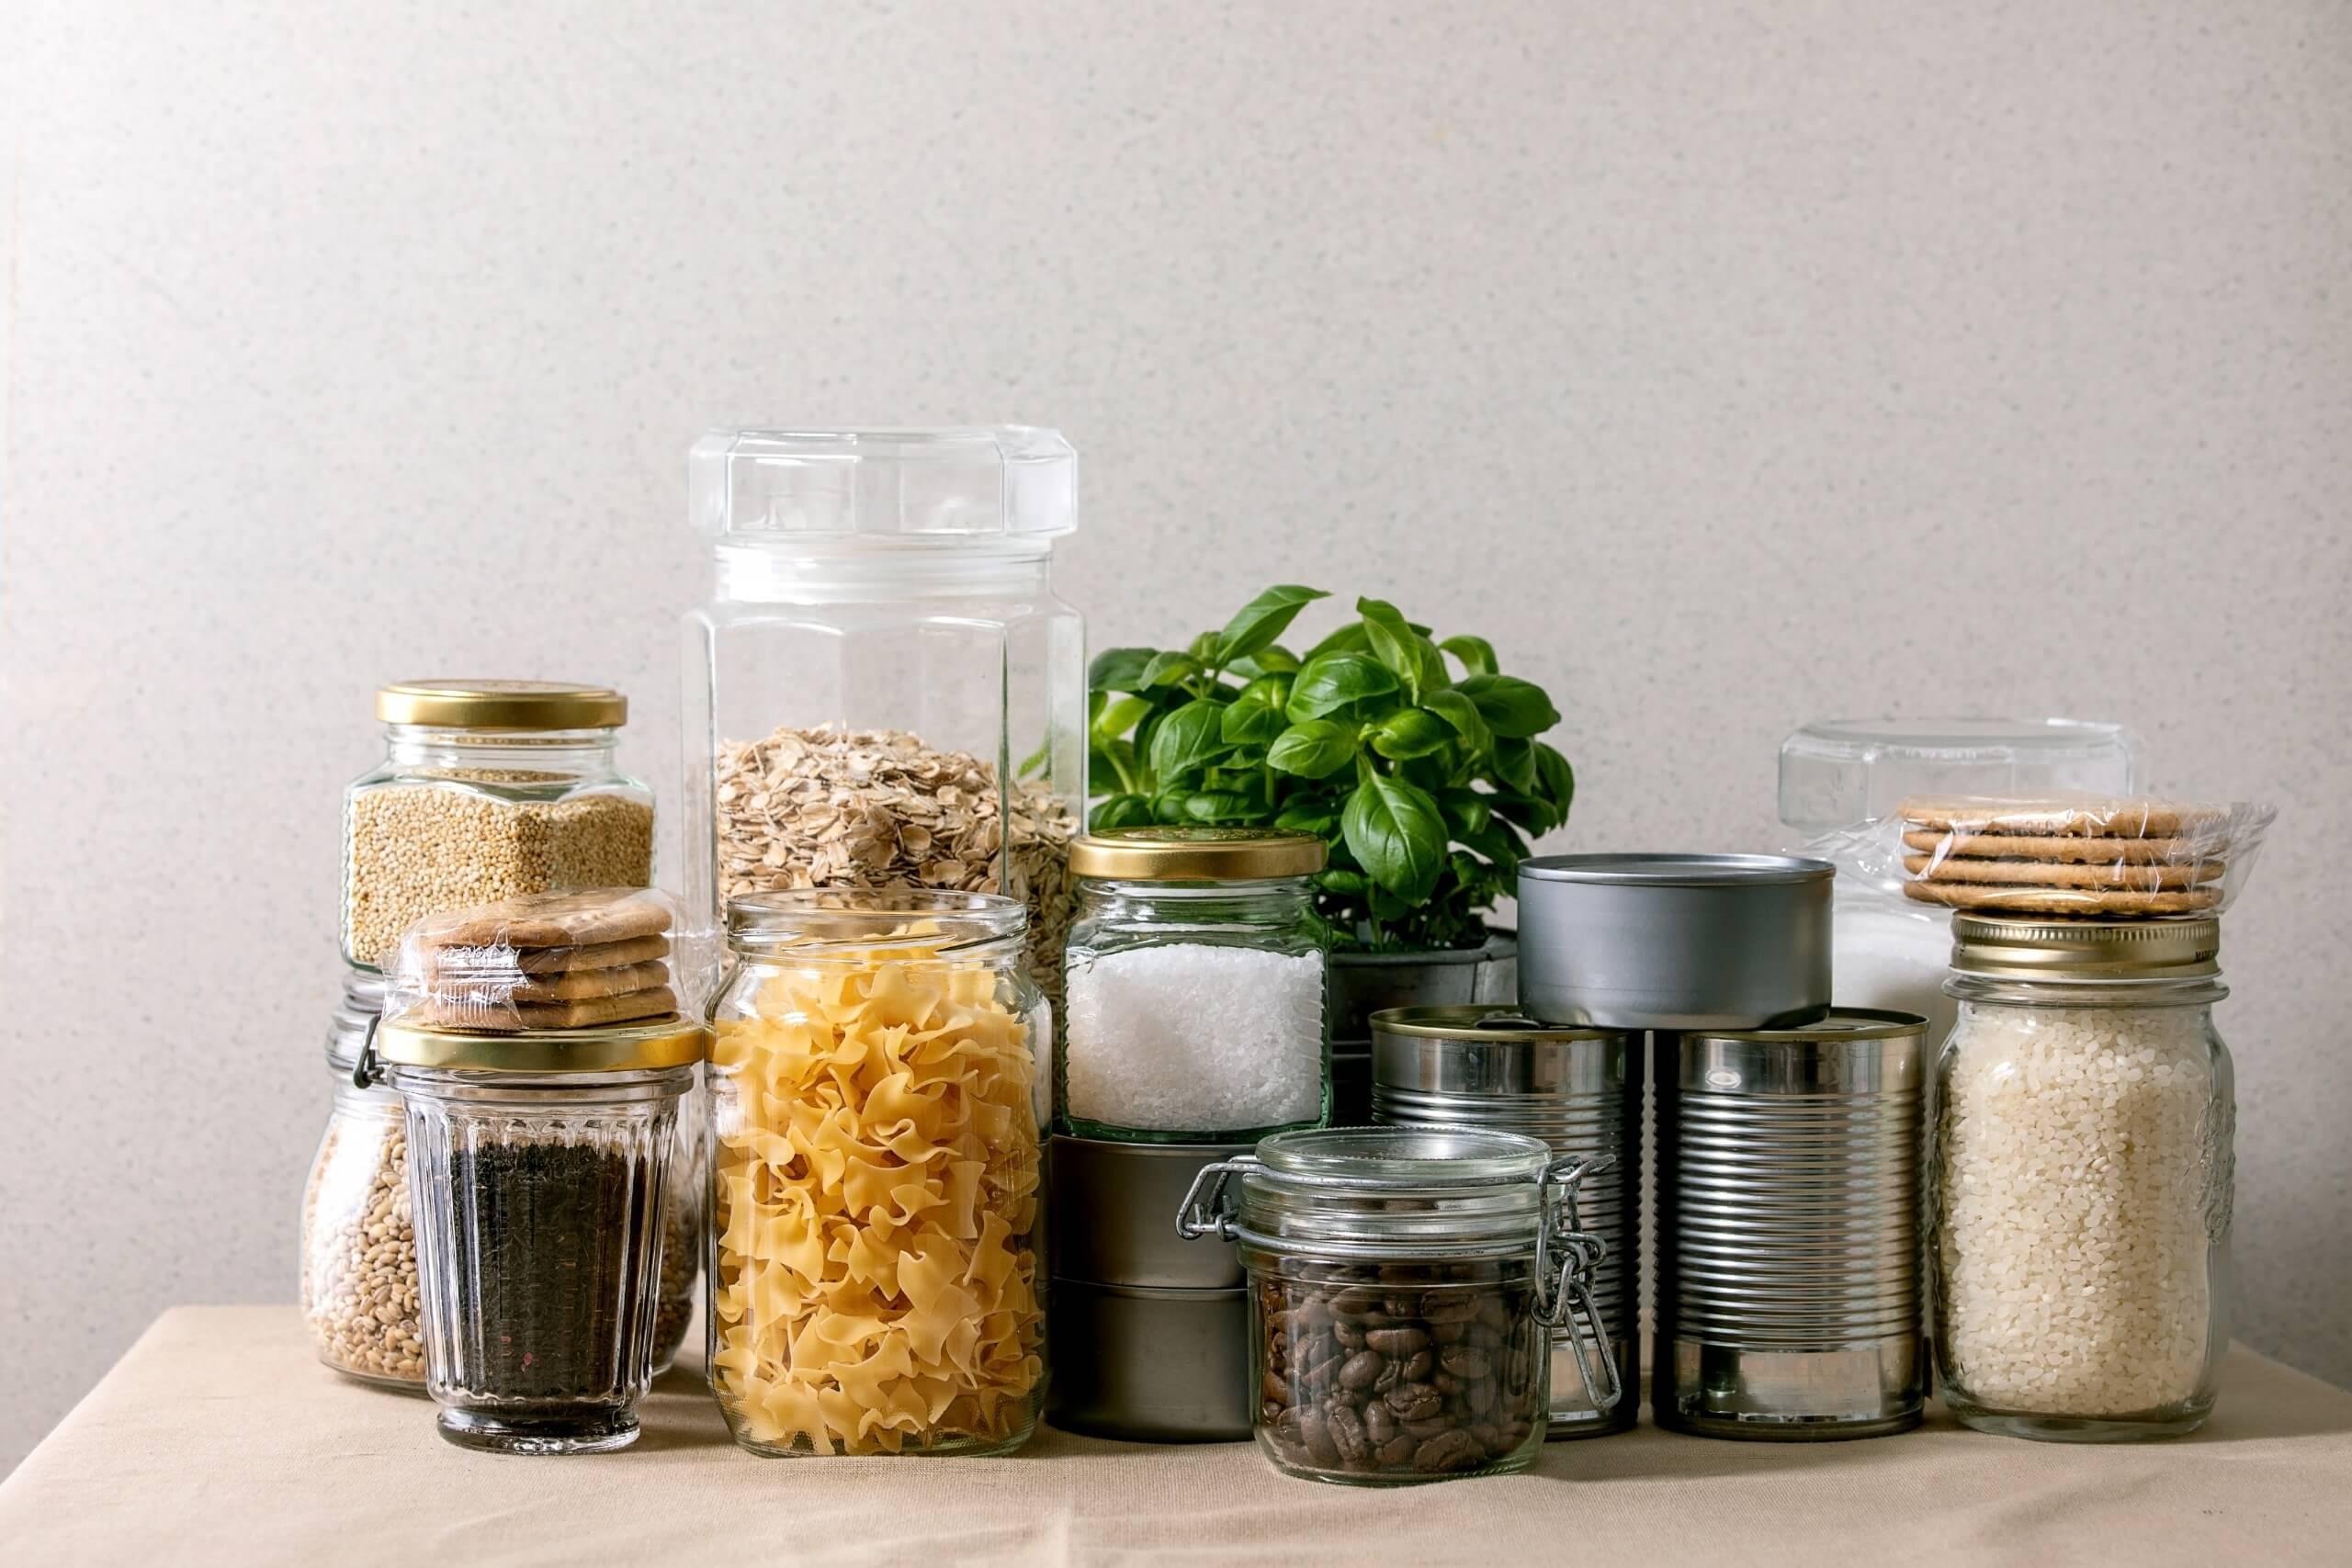 10 producten waarmee je altijd een lekkere vega maaltijd op tafel zet!